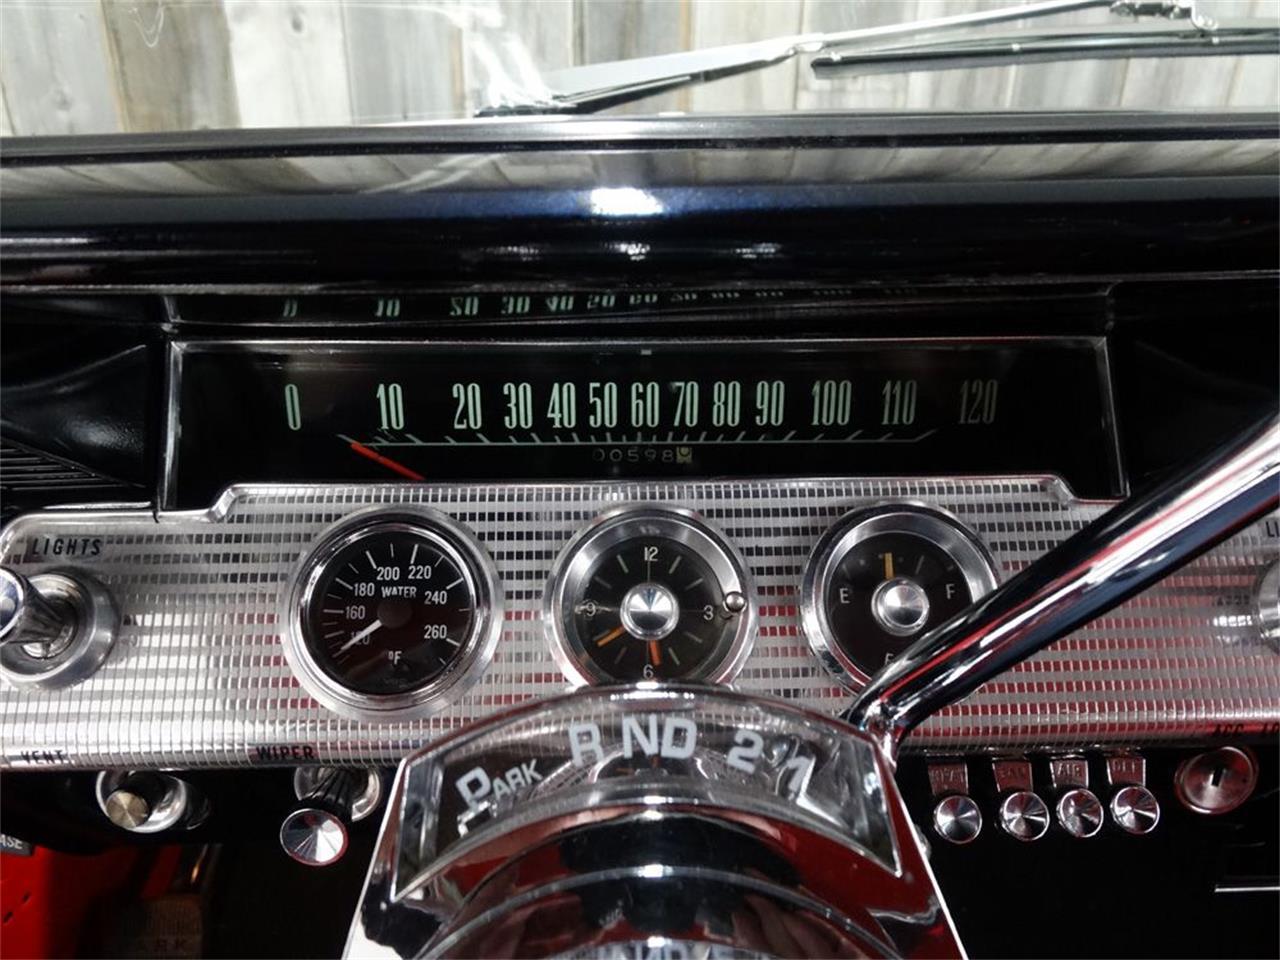 1962 Chevrolet Impala (CC-1236353) for sale in Bettendorf, Iowa